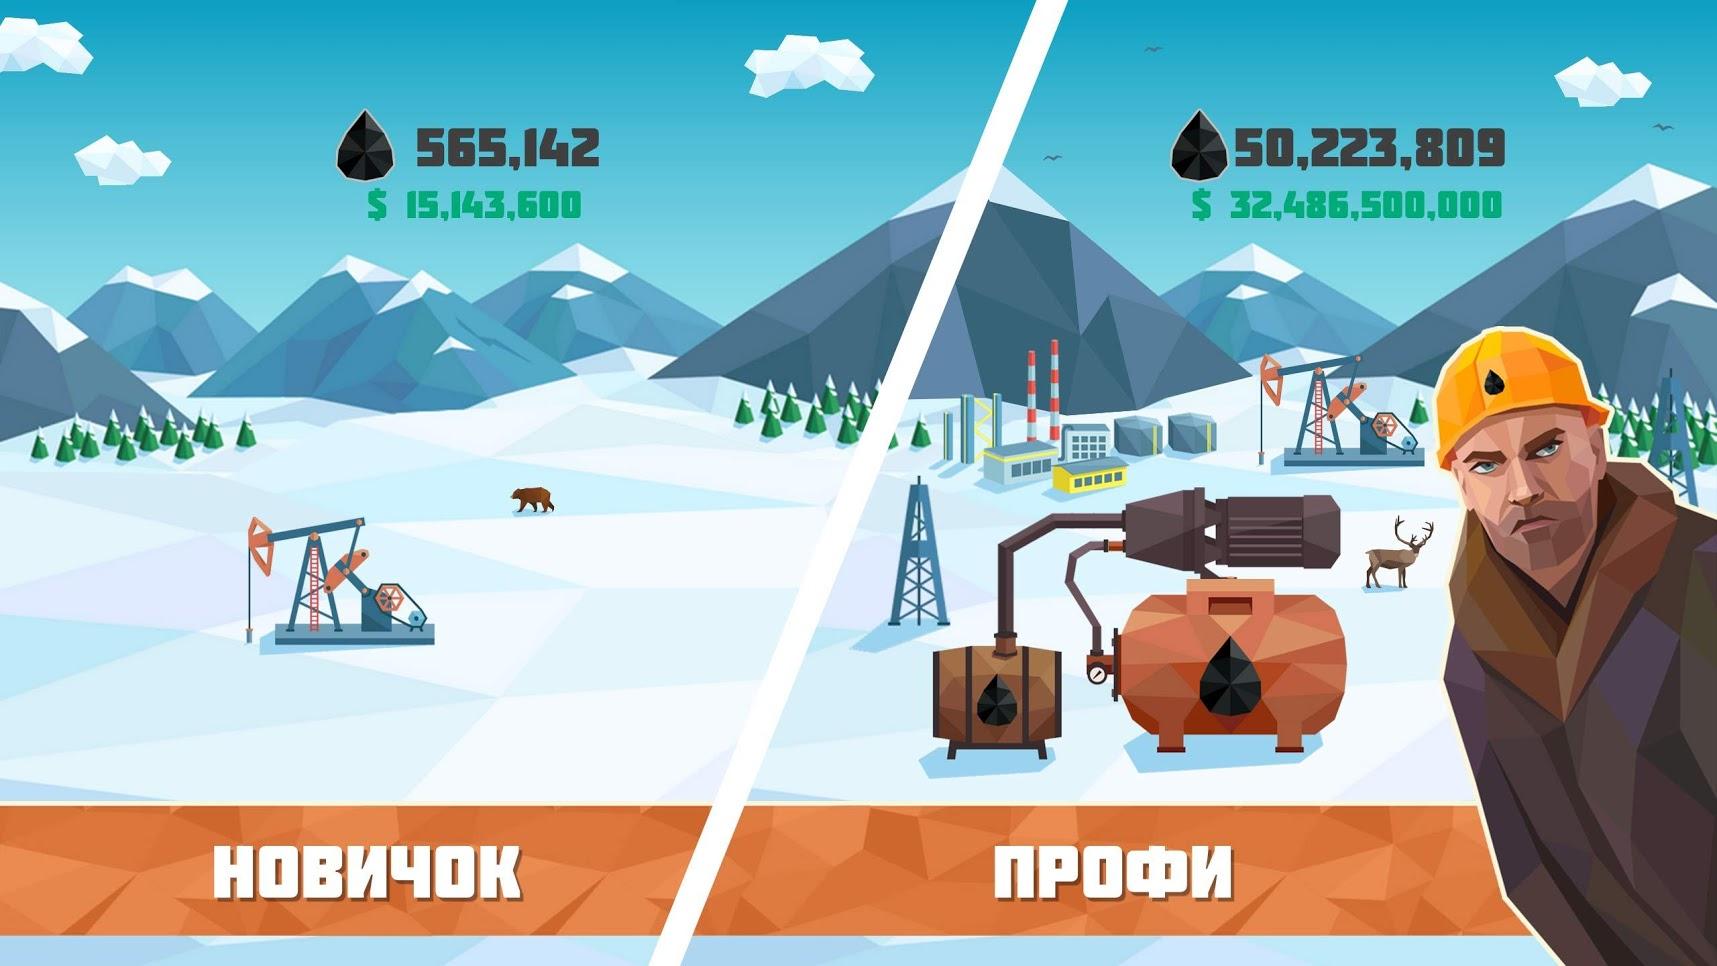 скачать взломанную игру нефтяной магнат